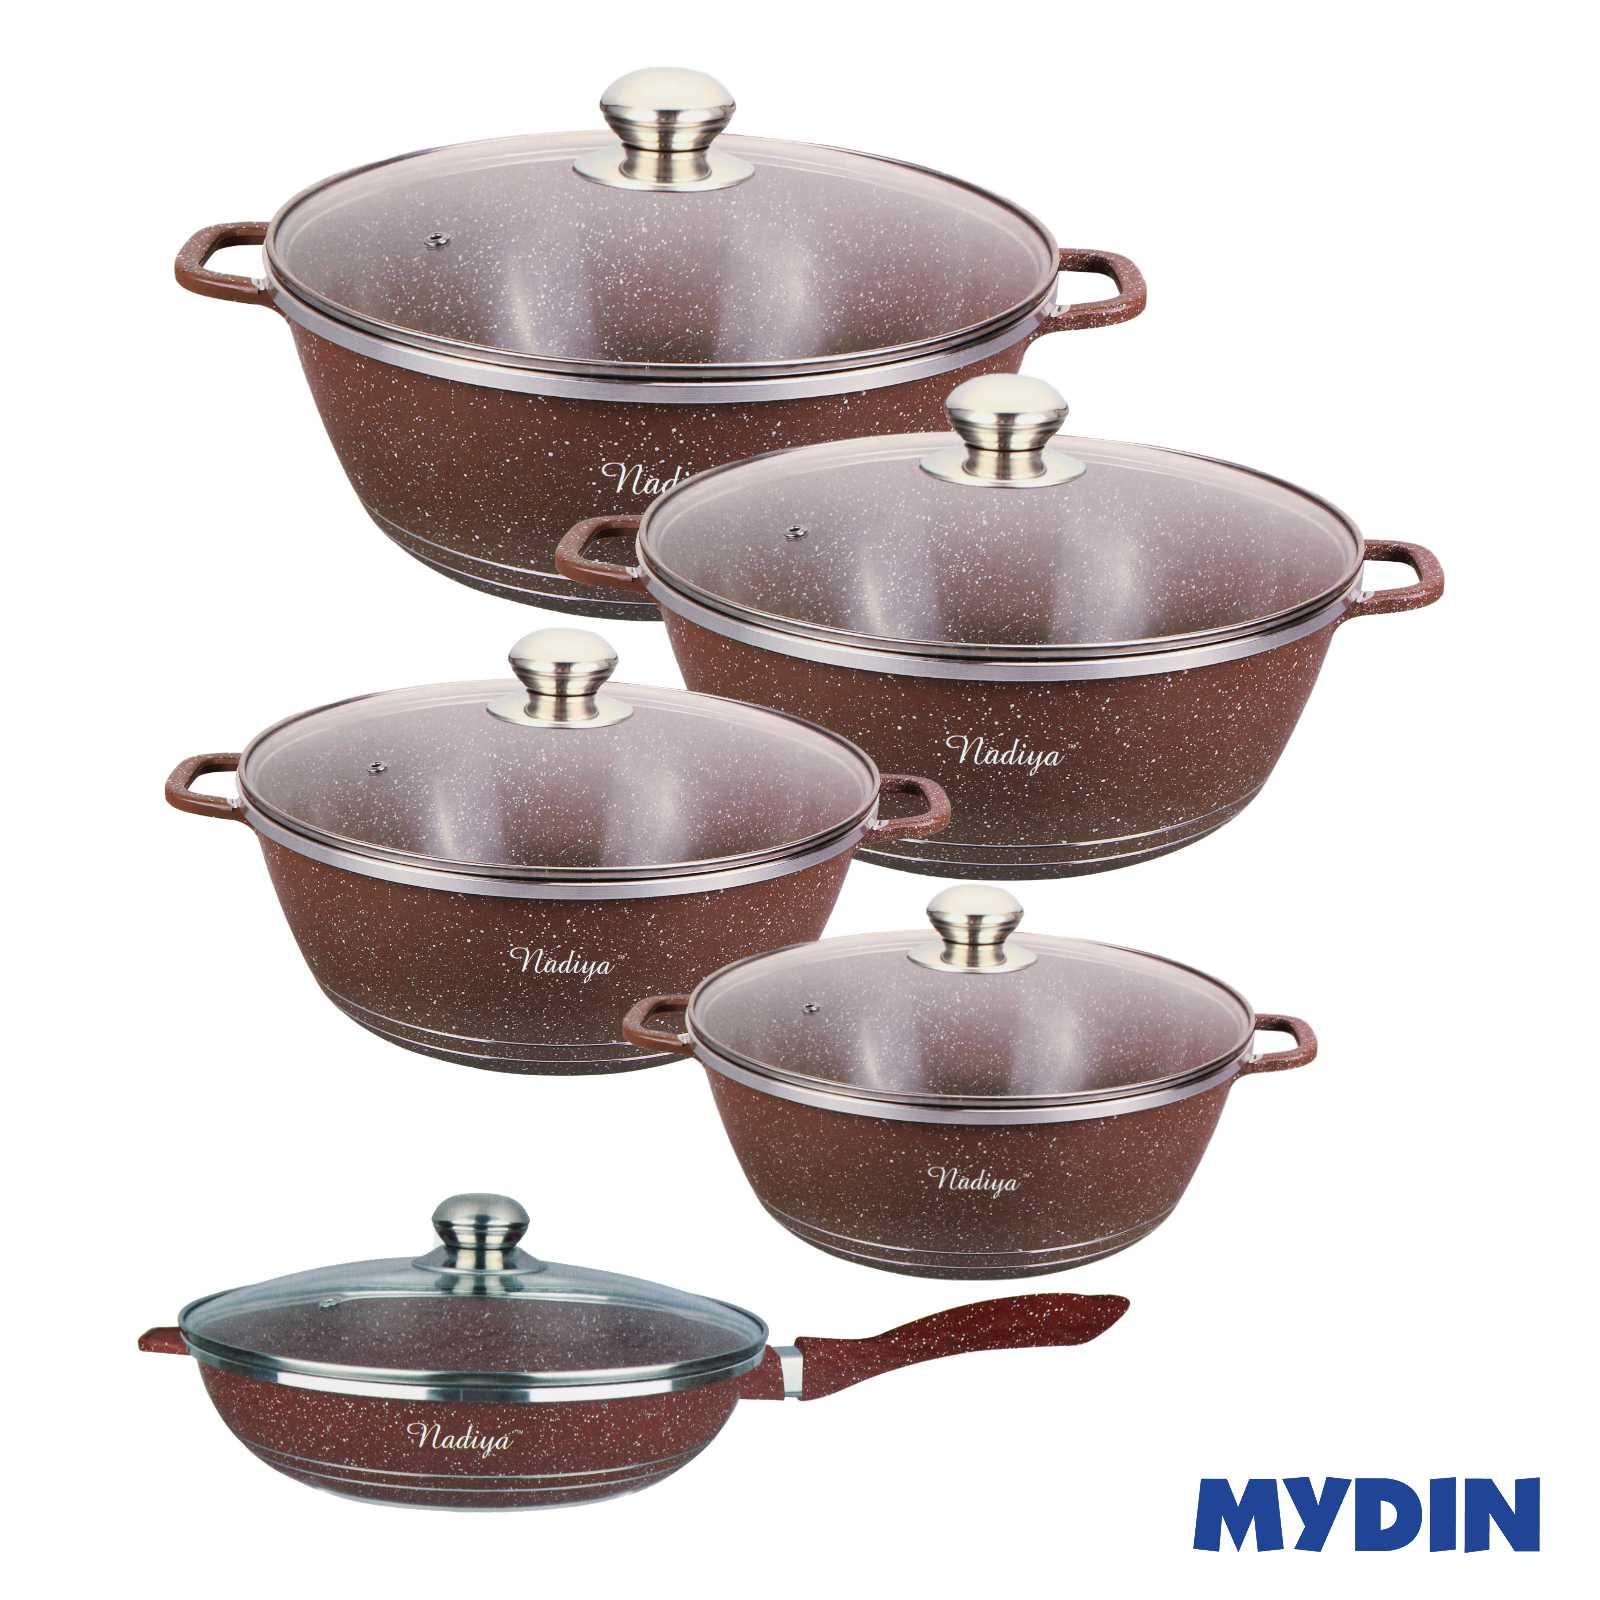 Nadiya Non-Stick Cookware Set (12pcs) NCS20000-001